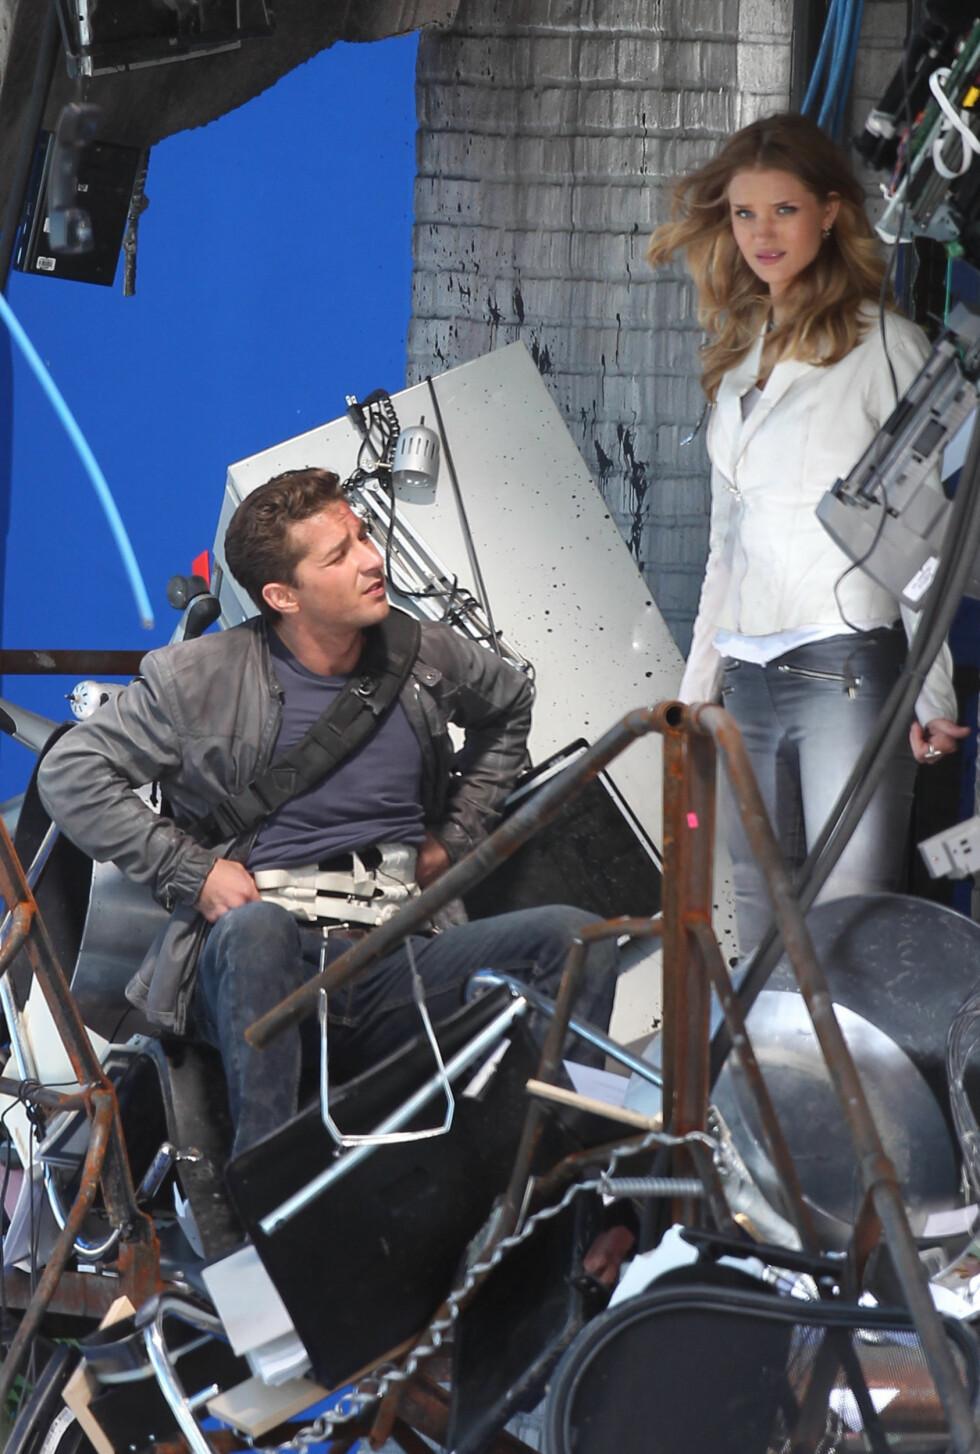 DENGANG DA: Shia LaBeouf og Rosie Huntington-Whiteley sammen på settet til til filmen «Transformers: Dark Of The Moon» i 2011.